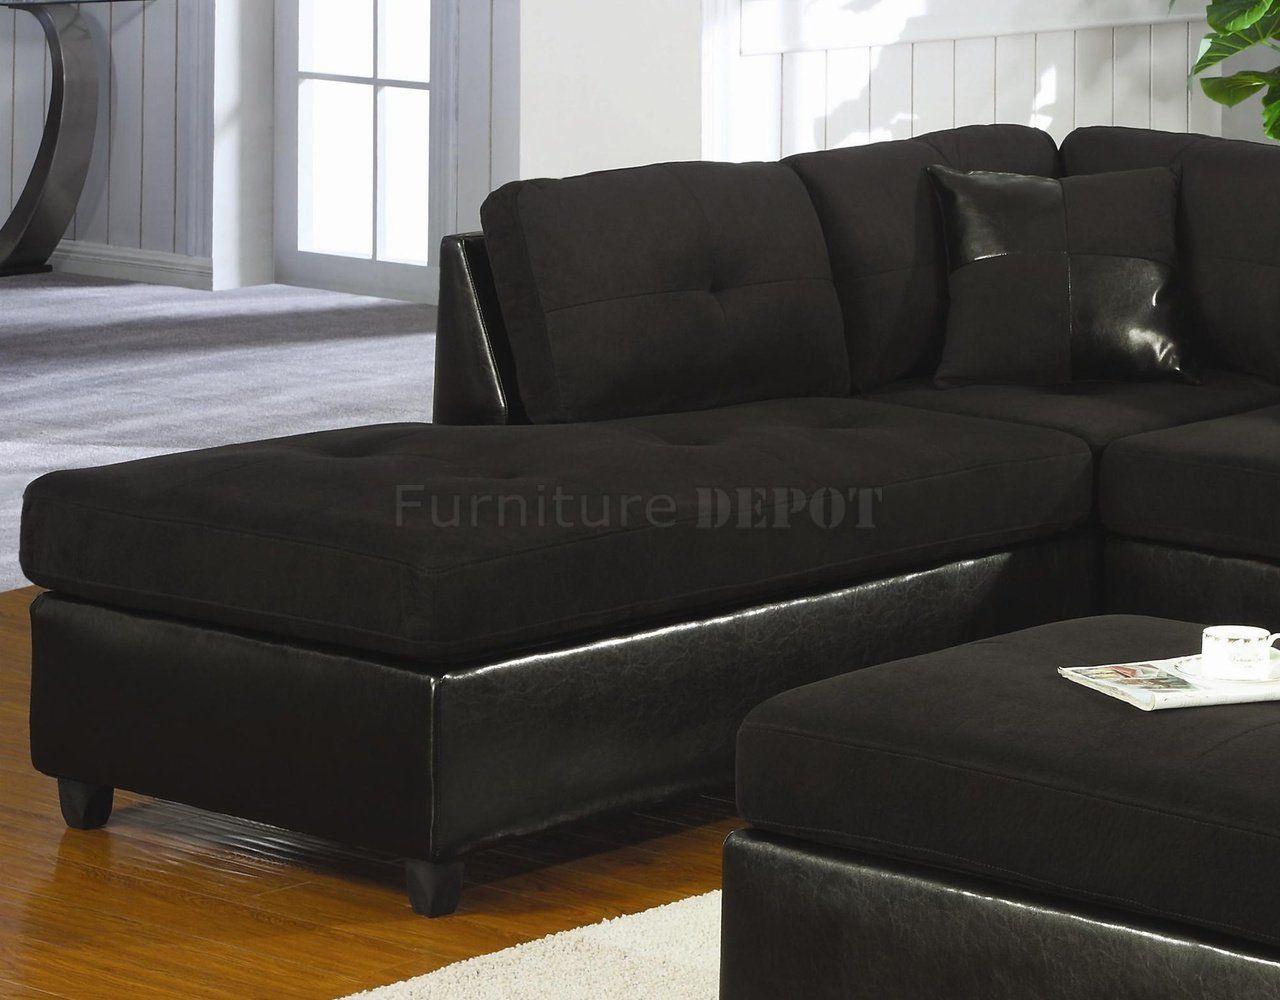 black microfiber sofa set leather living room ottoman jb55 wendycorsistaubcommunity